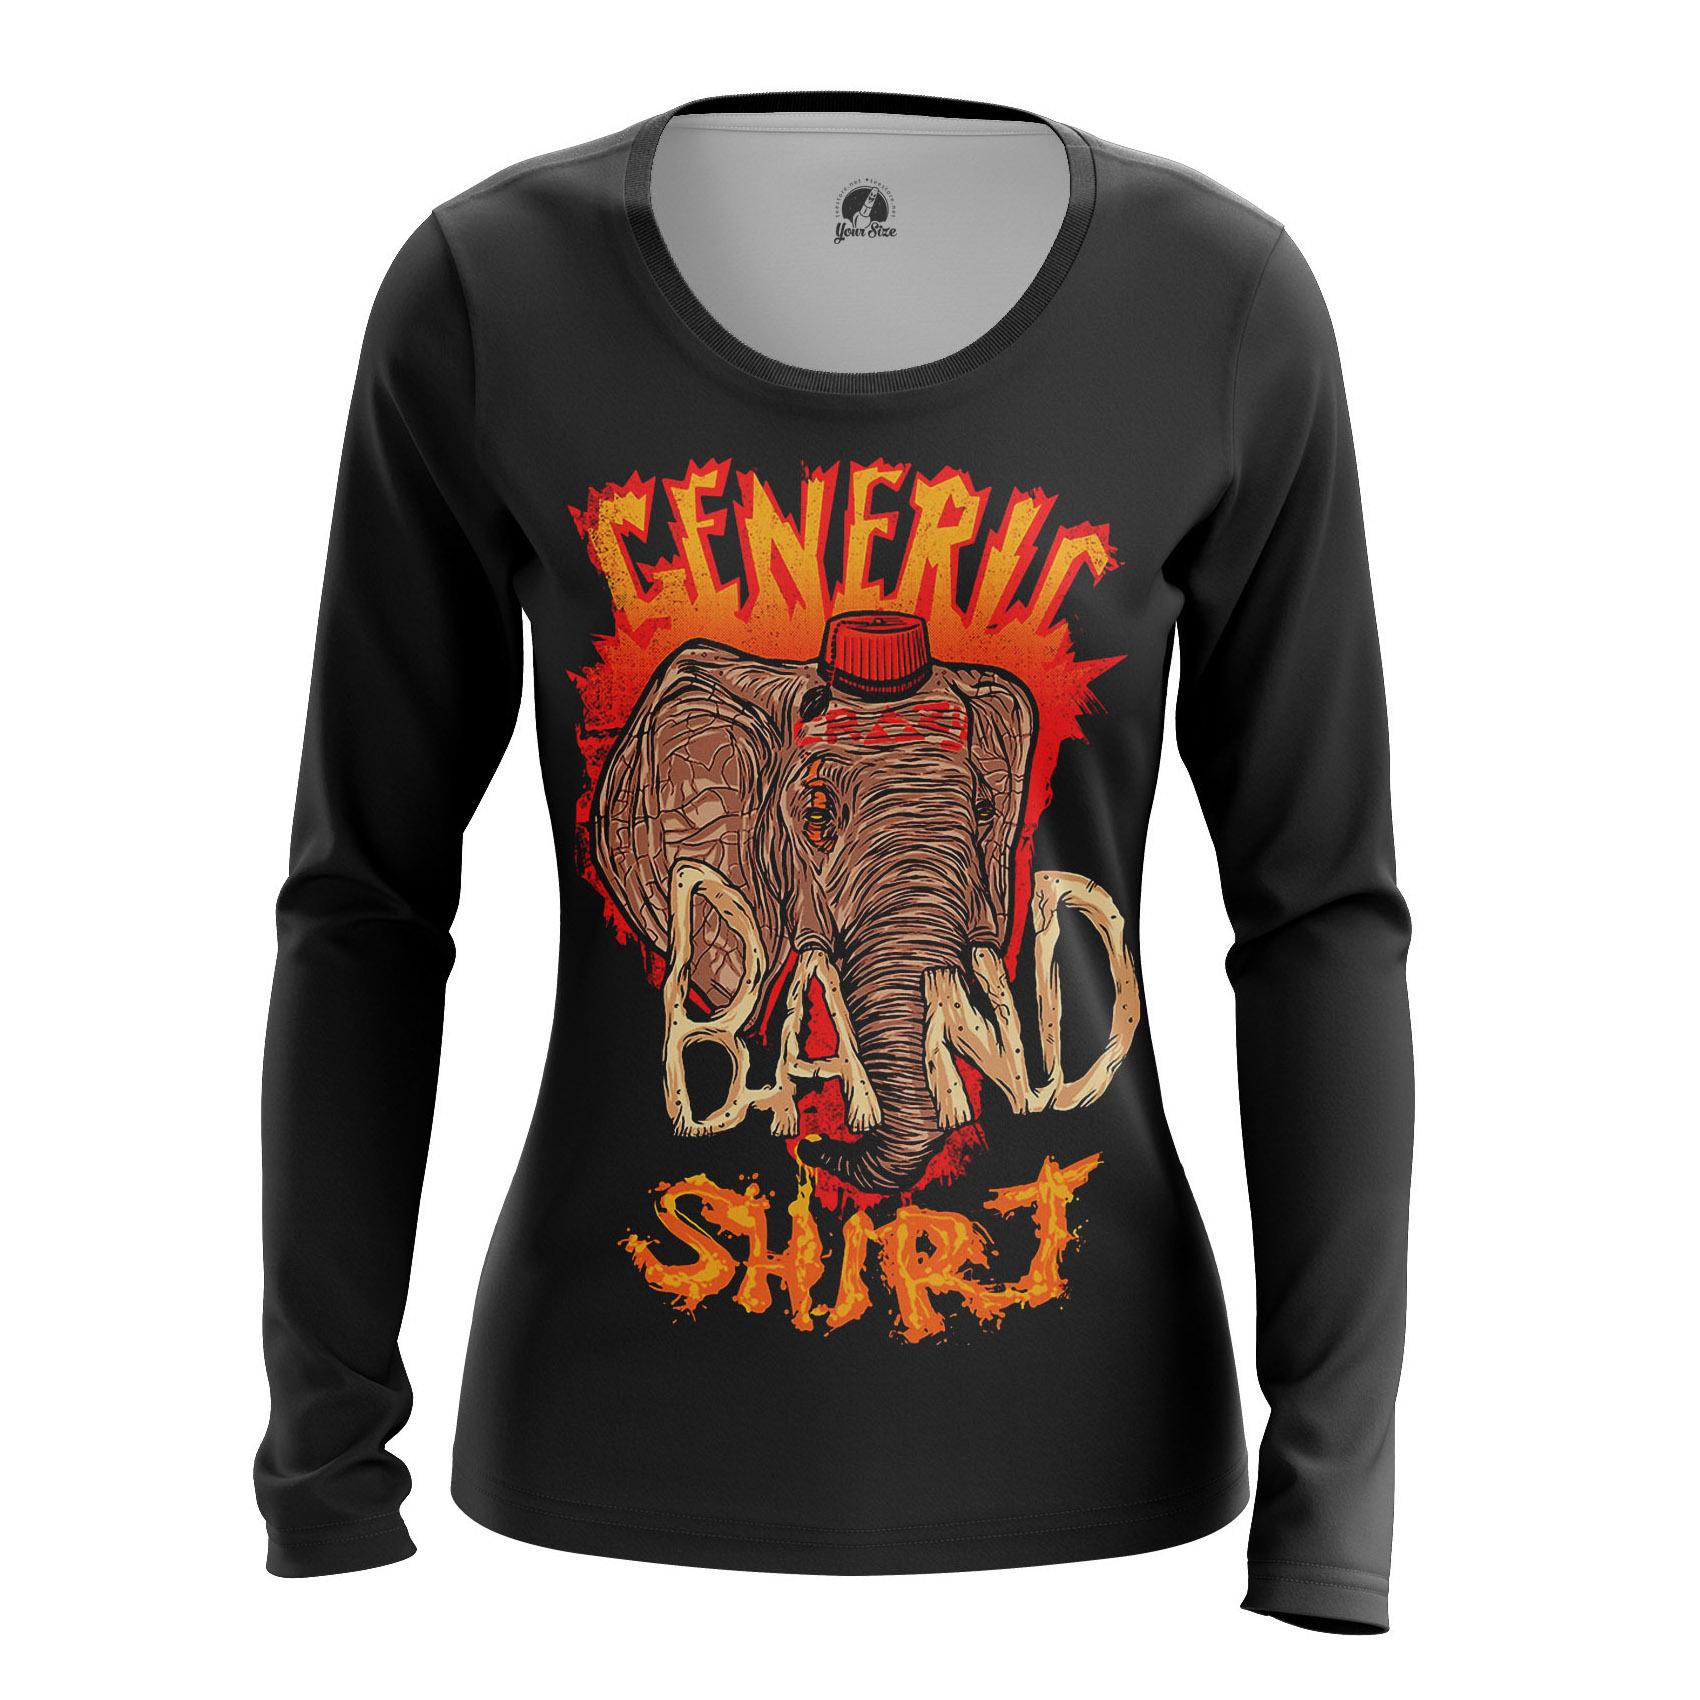 - W Lon Genericshirt 1482275321 261